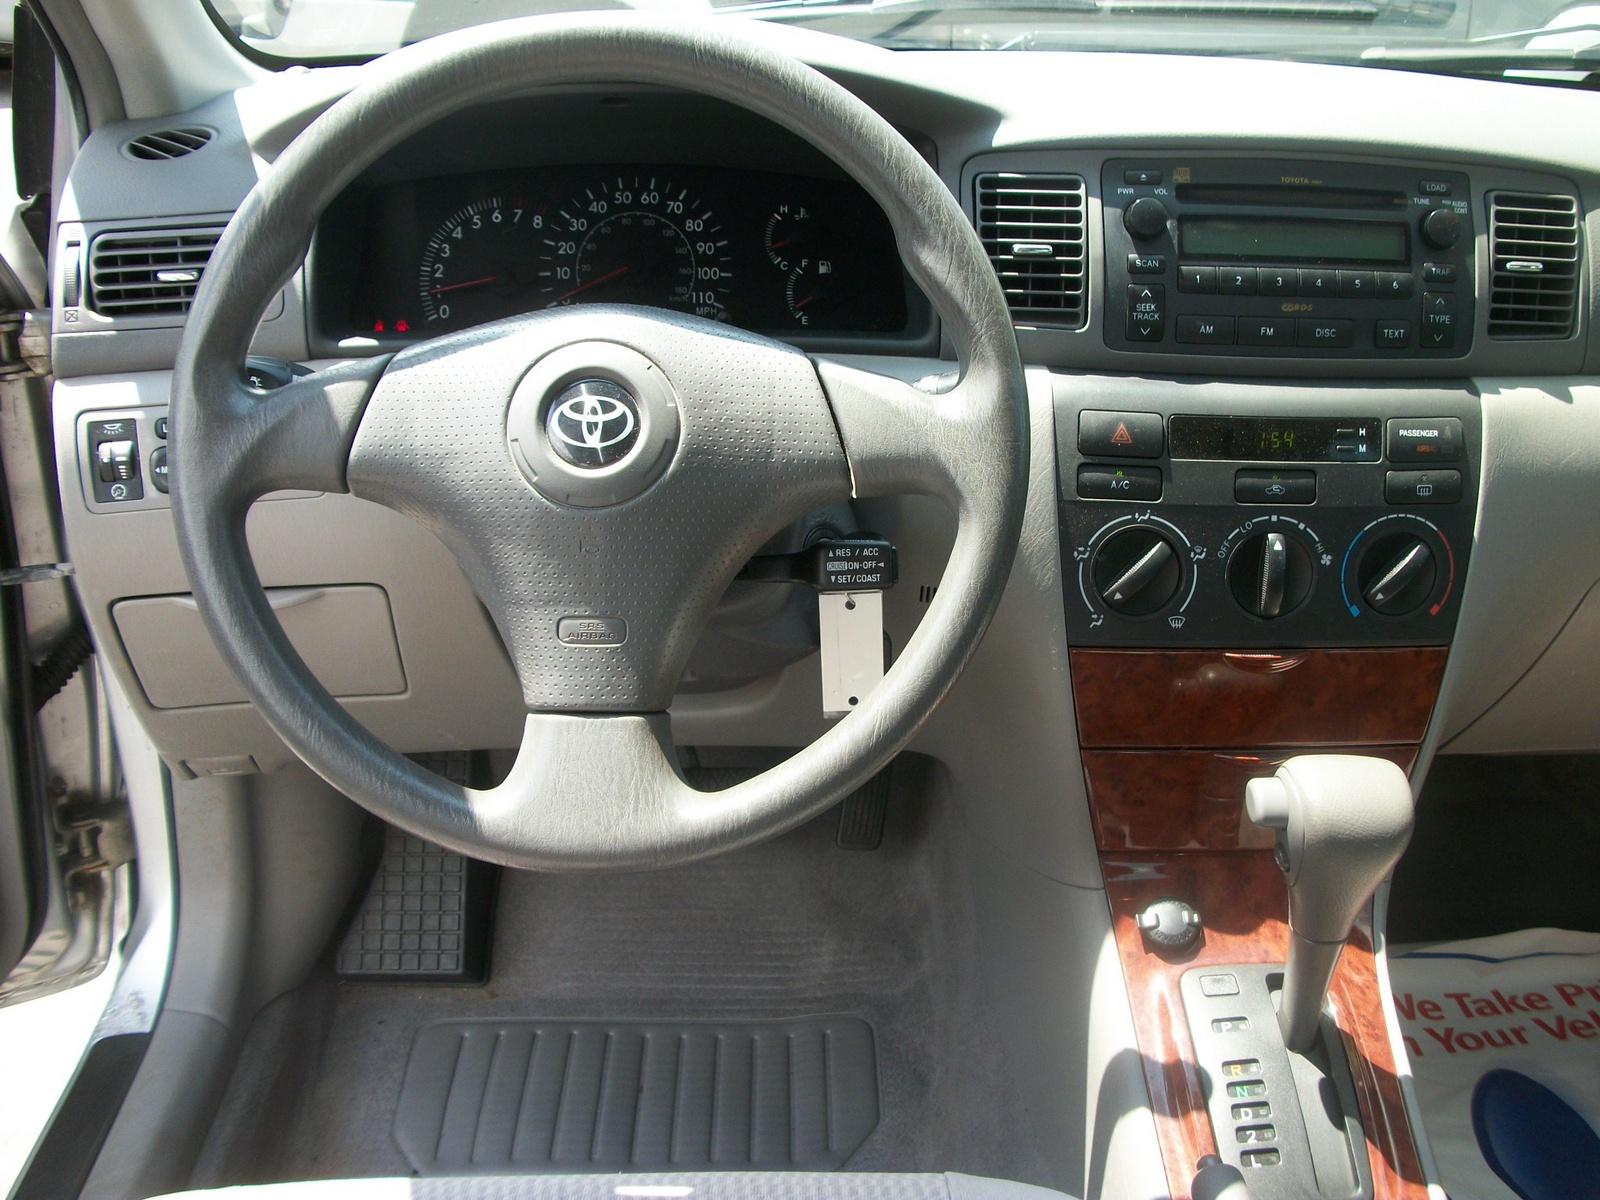 2005 toyota corolla interior parts for Toyota corolla interior accessories